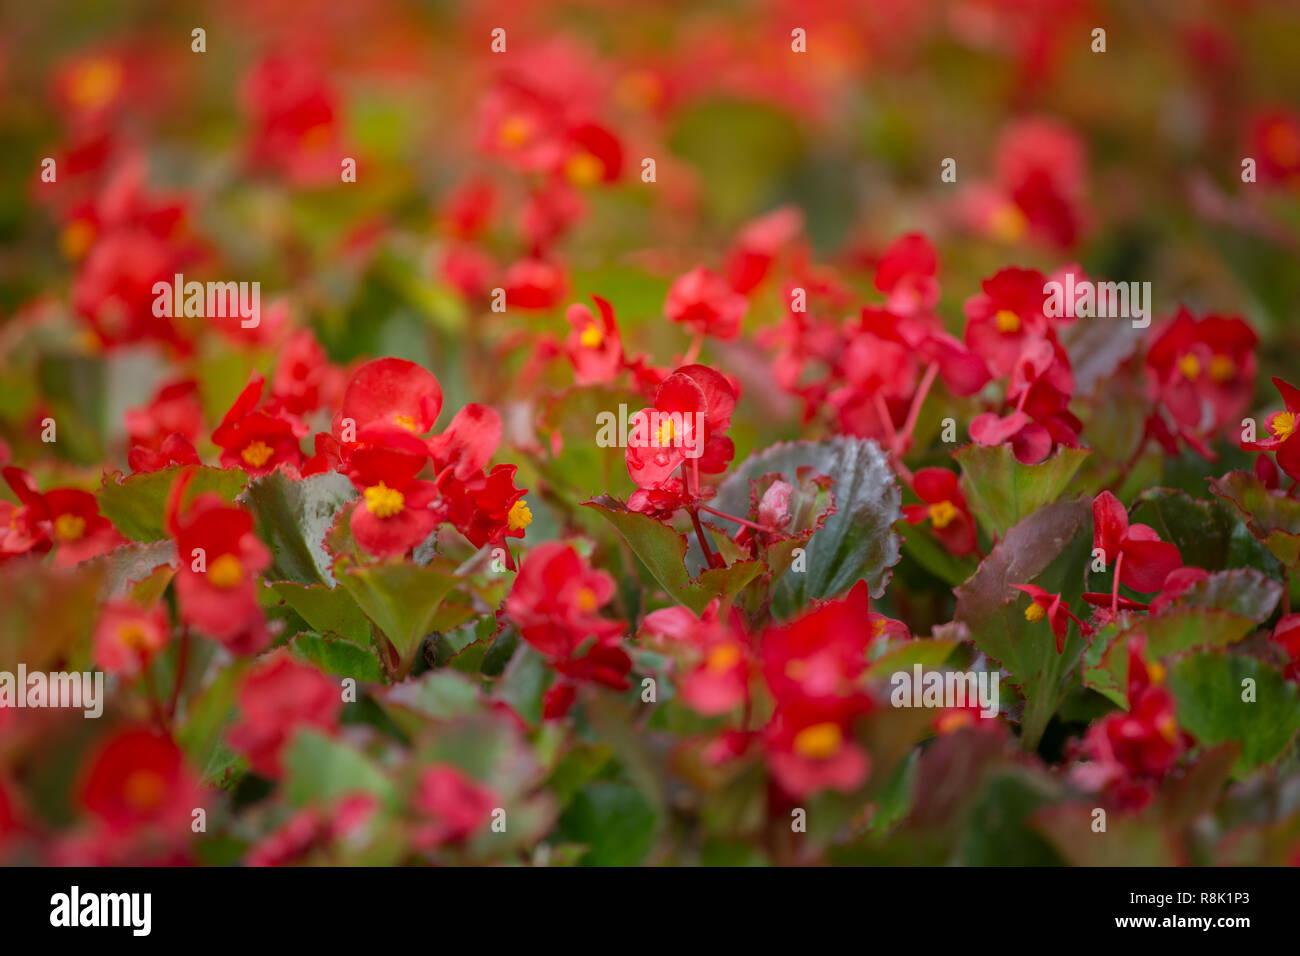 Fiori Gialli Con Pistilli Rossi.Shimmery Background Stock Photos Shimmery Background Stock